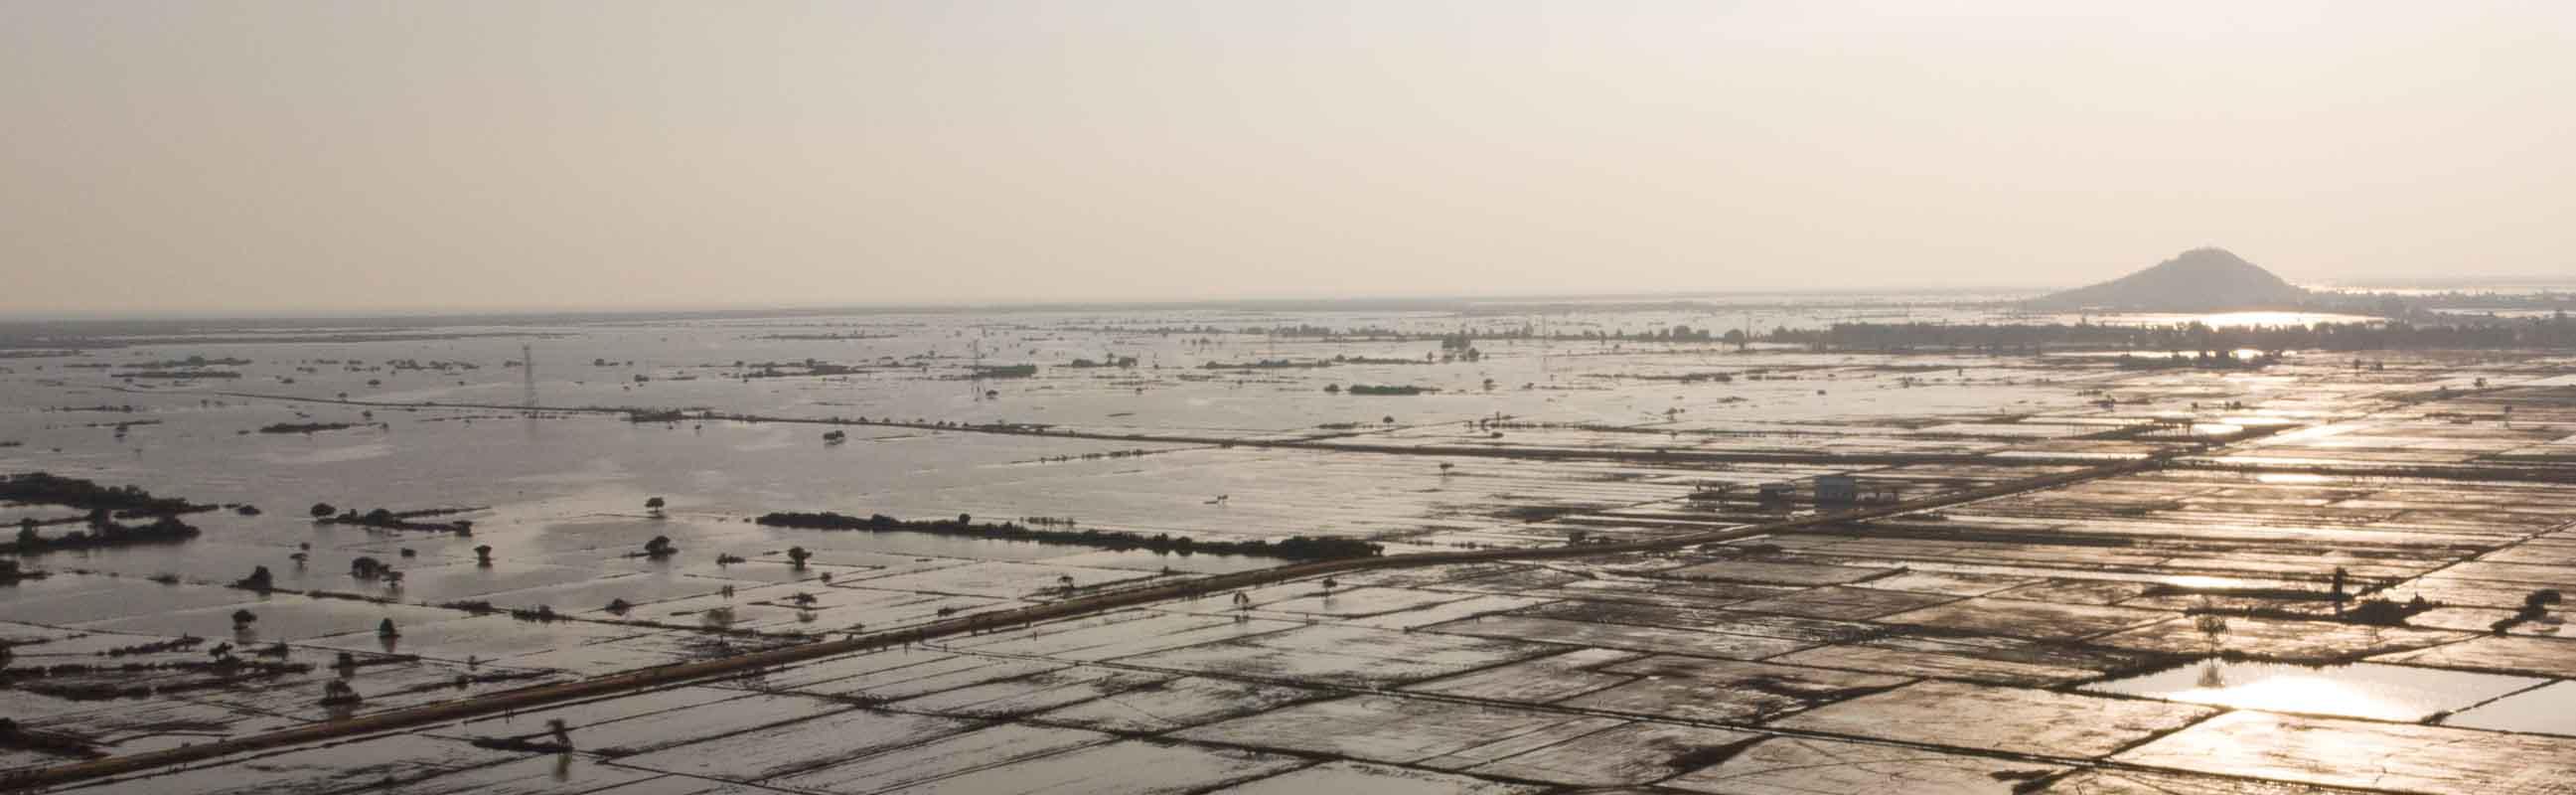 洞里萨湖定期泛滥